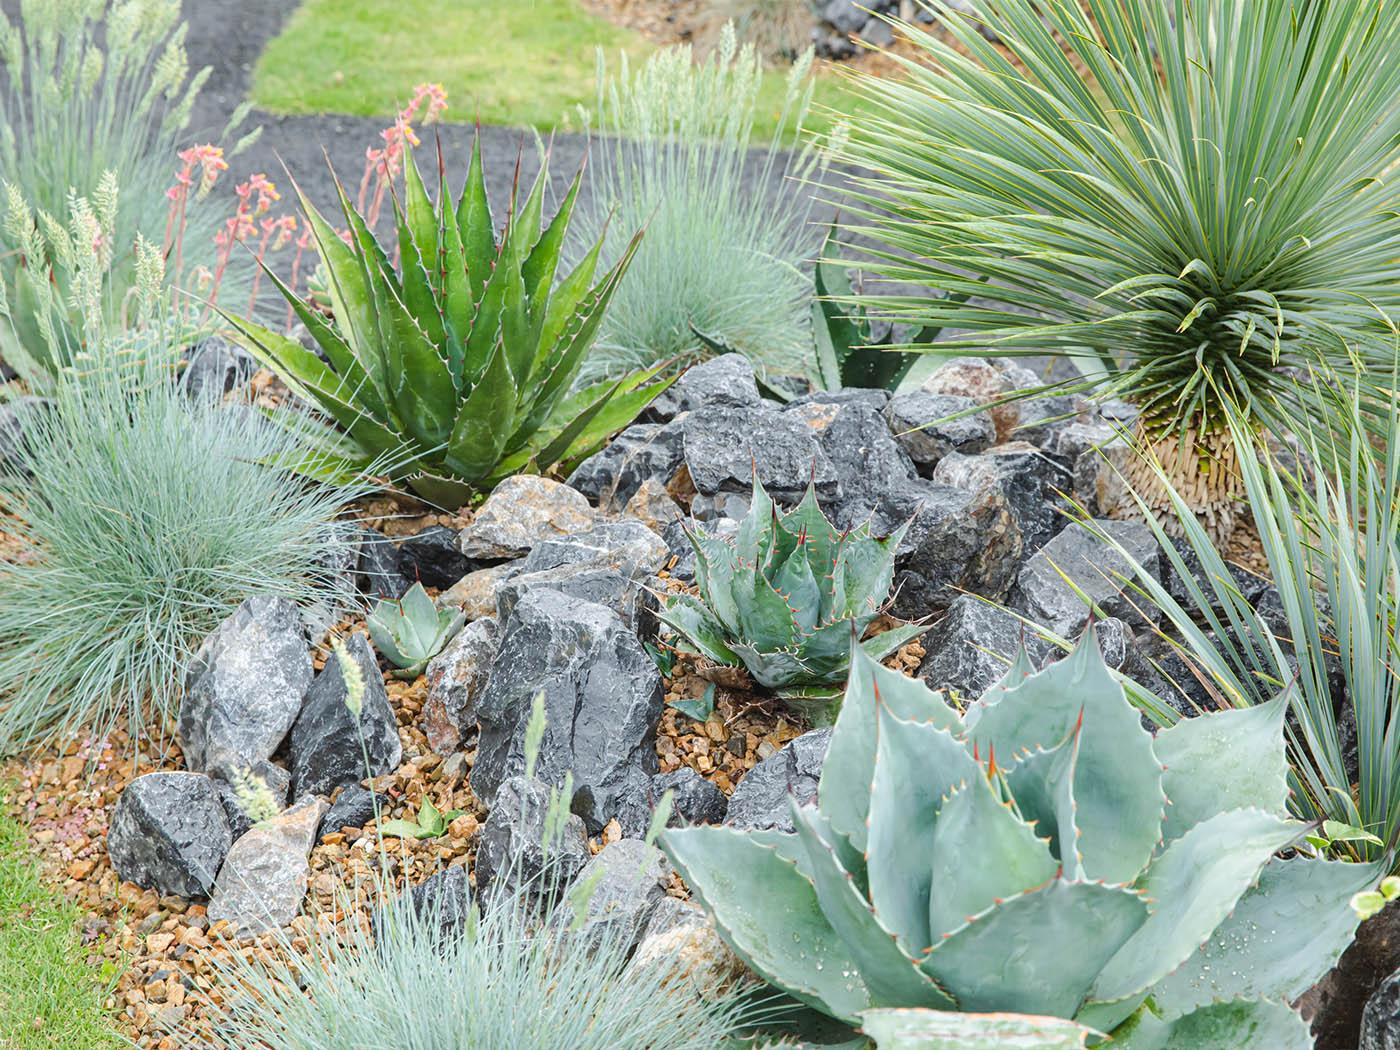 シダやアガベなどの植物がところ狭しと並びます。石は石材店で働くご友人から調達。